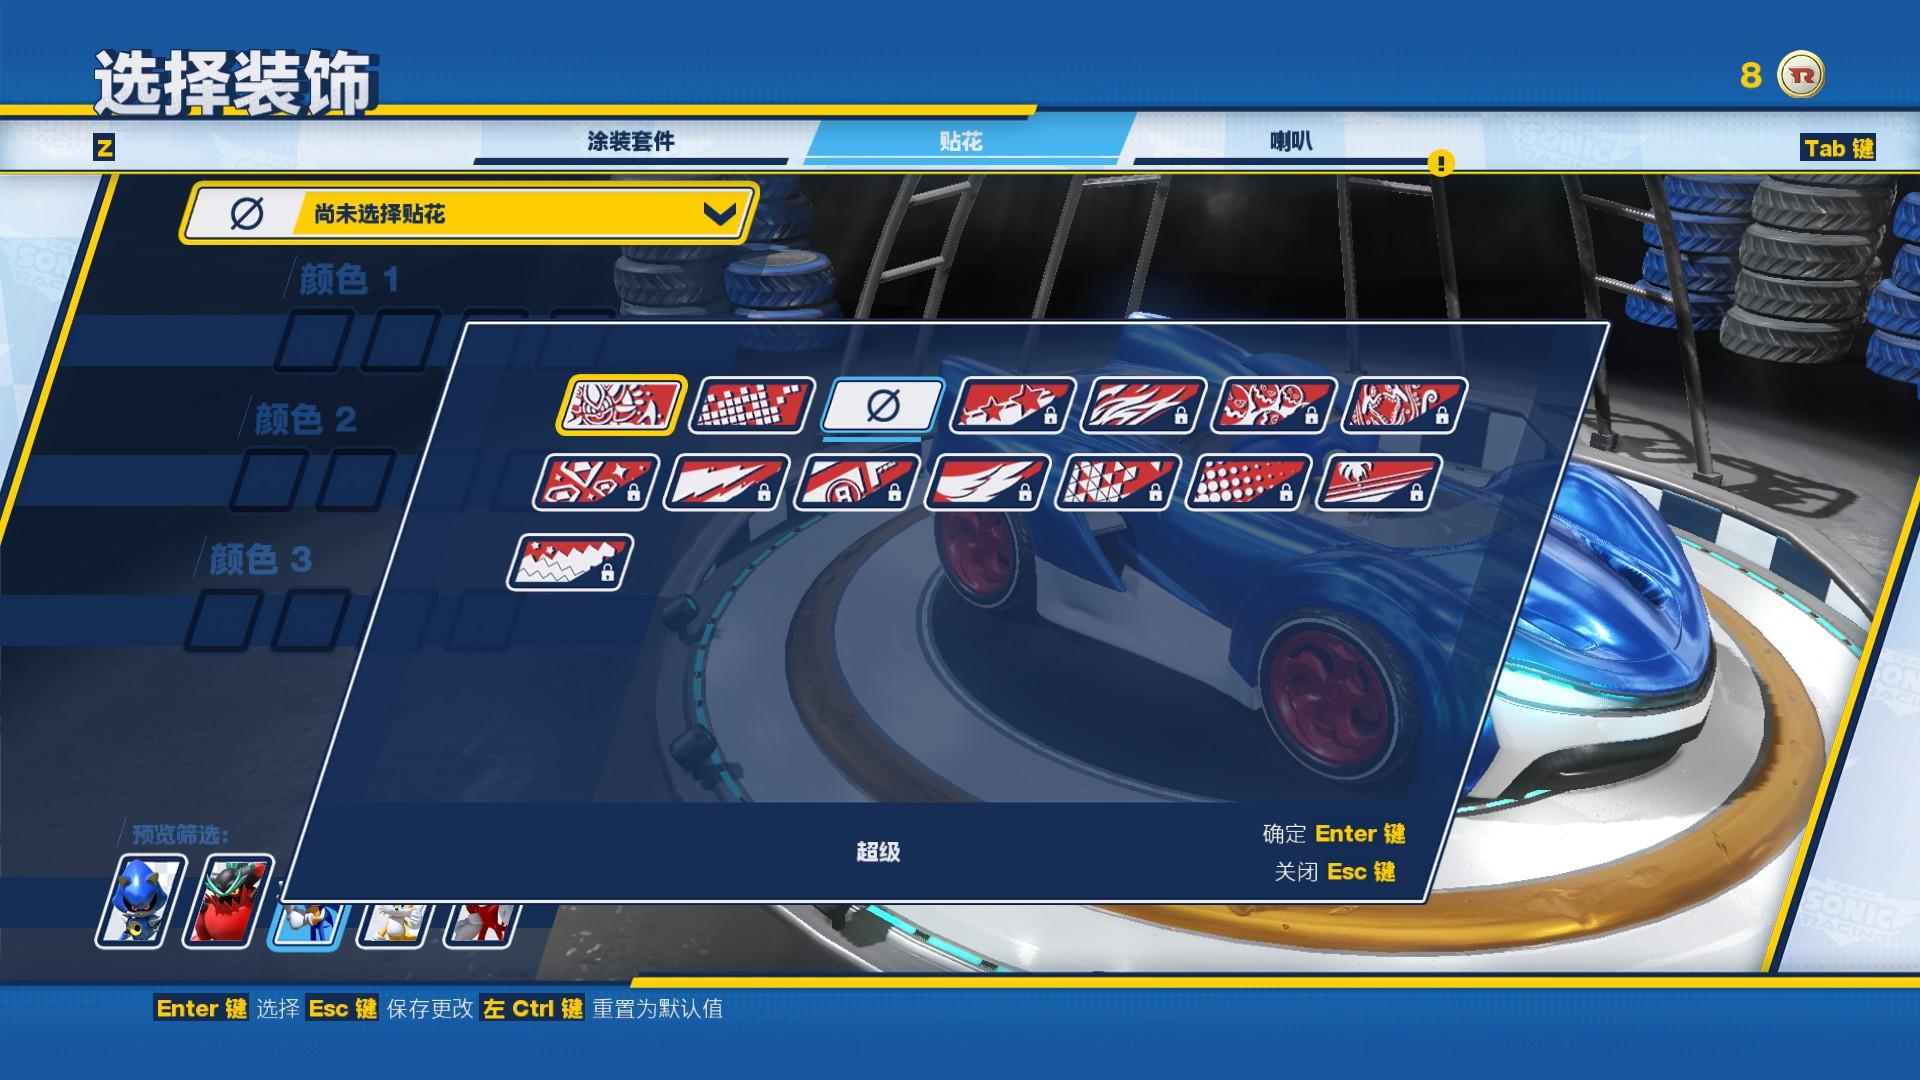 《团队索尼克赛车》评测:中规中矩的索尼克